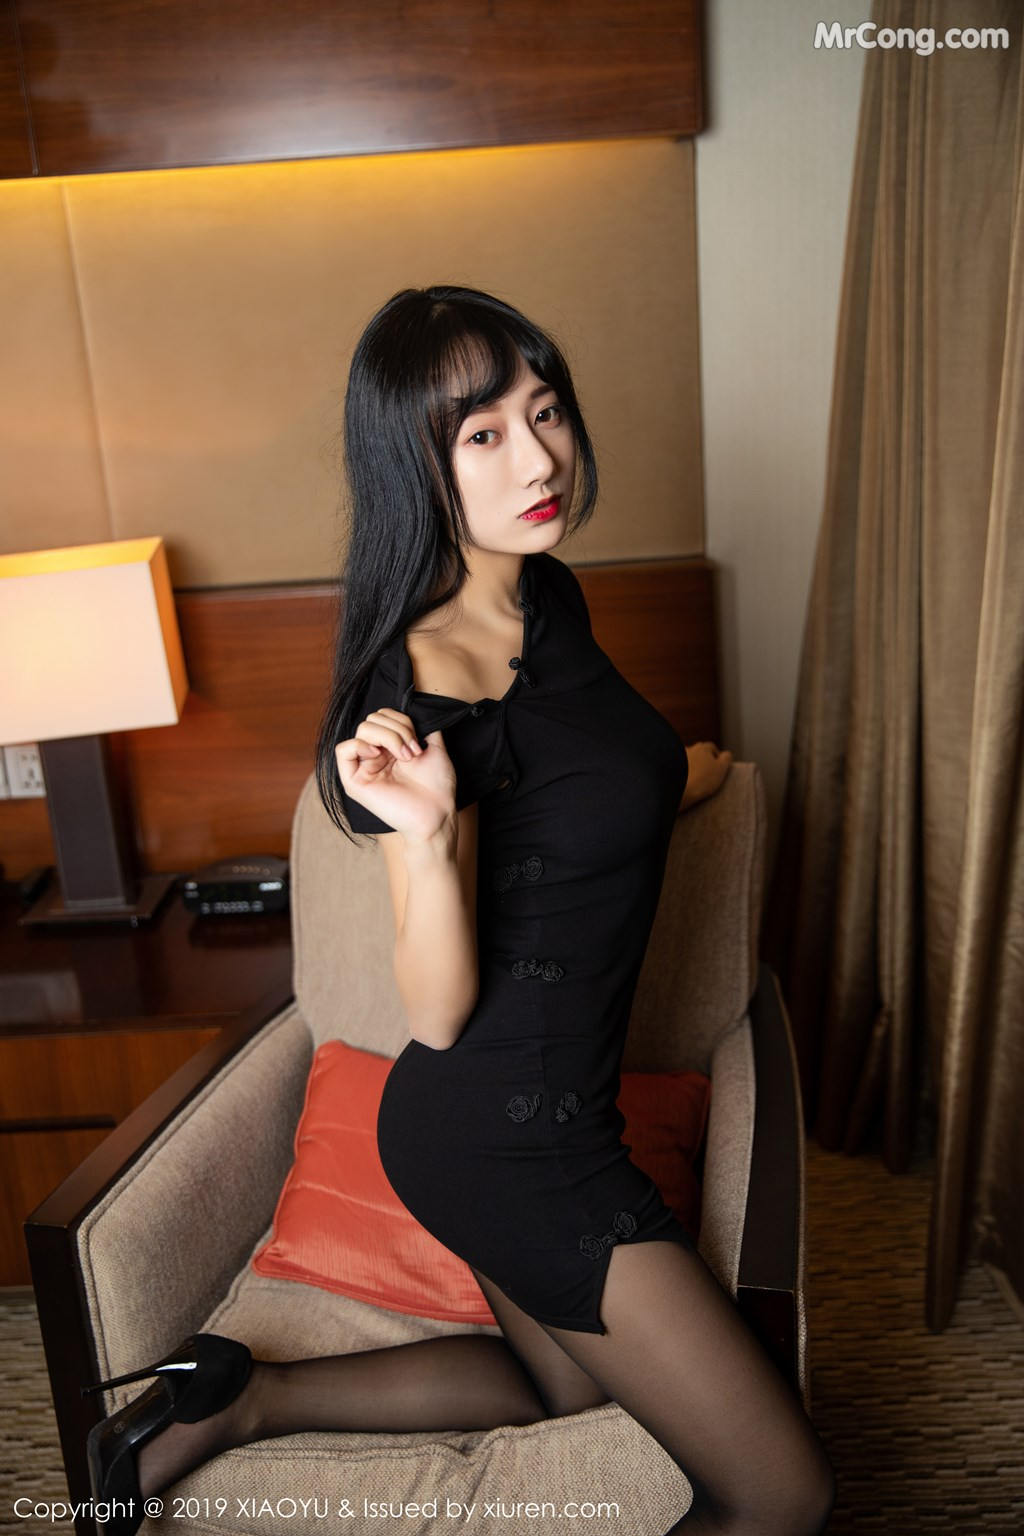 Image XiaoYu-Vol.145-He-Jia-Ying-MrCong.com-046 in post XiaoYu Vol.145: He Jia Ying (何嘉颖) (68 ảnh)